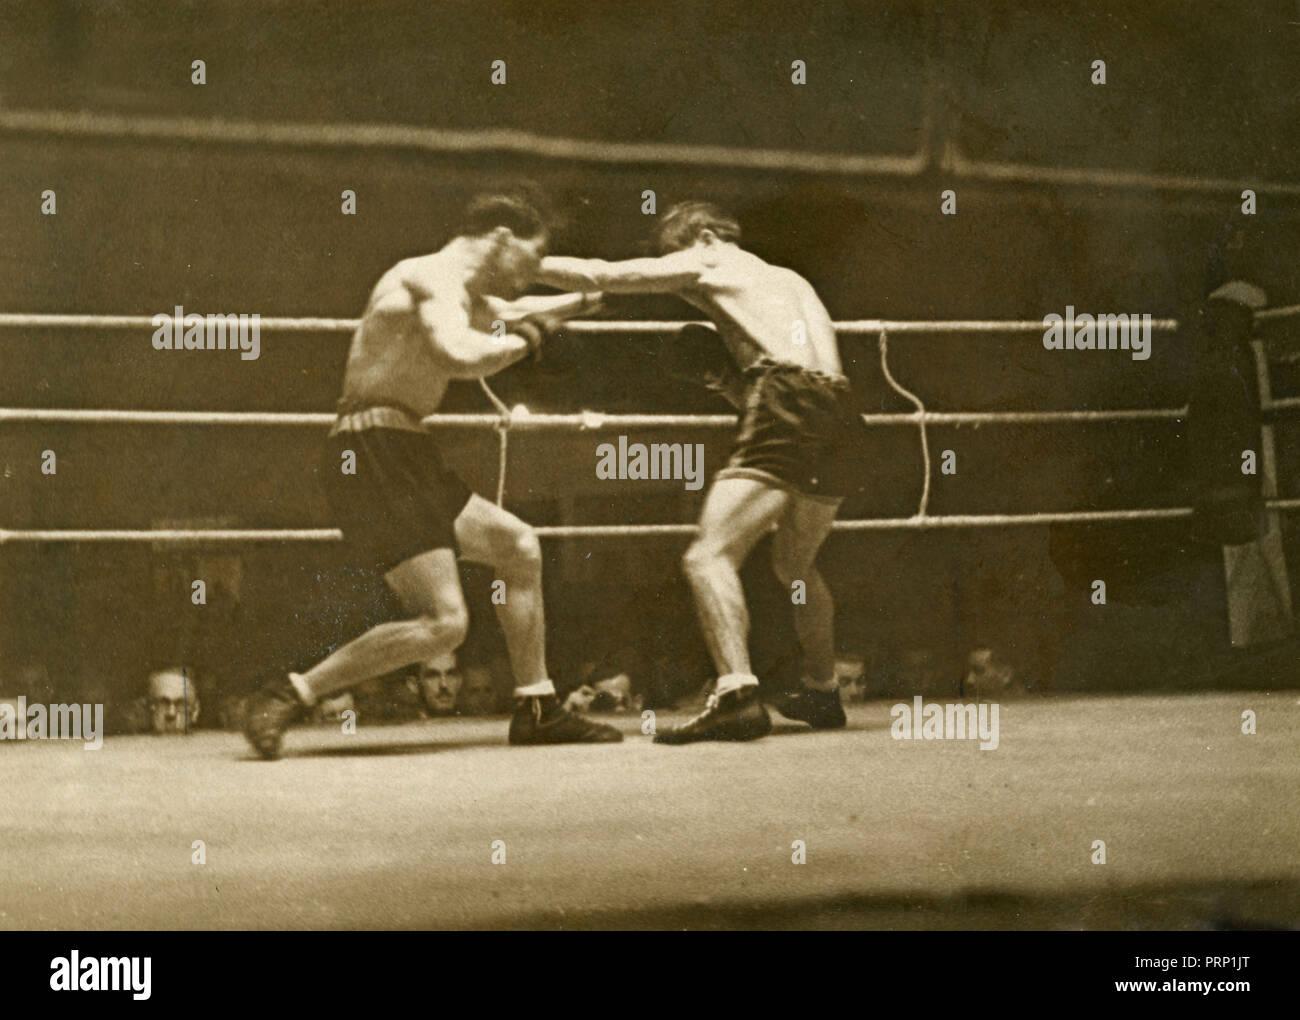 Incontro di boxe tra Gustavo Ansini e Hans Schiller, Berlin, Germania 1937 Immagini Stock